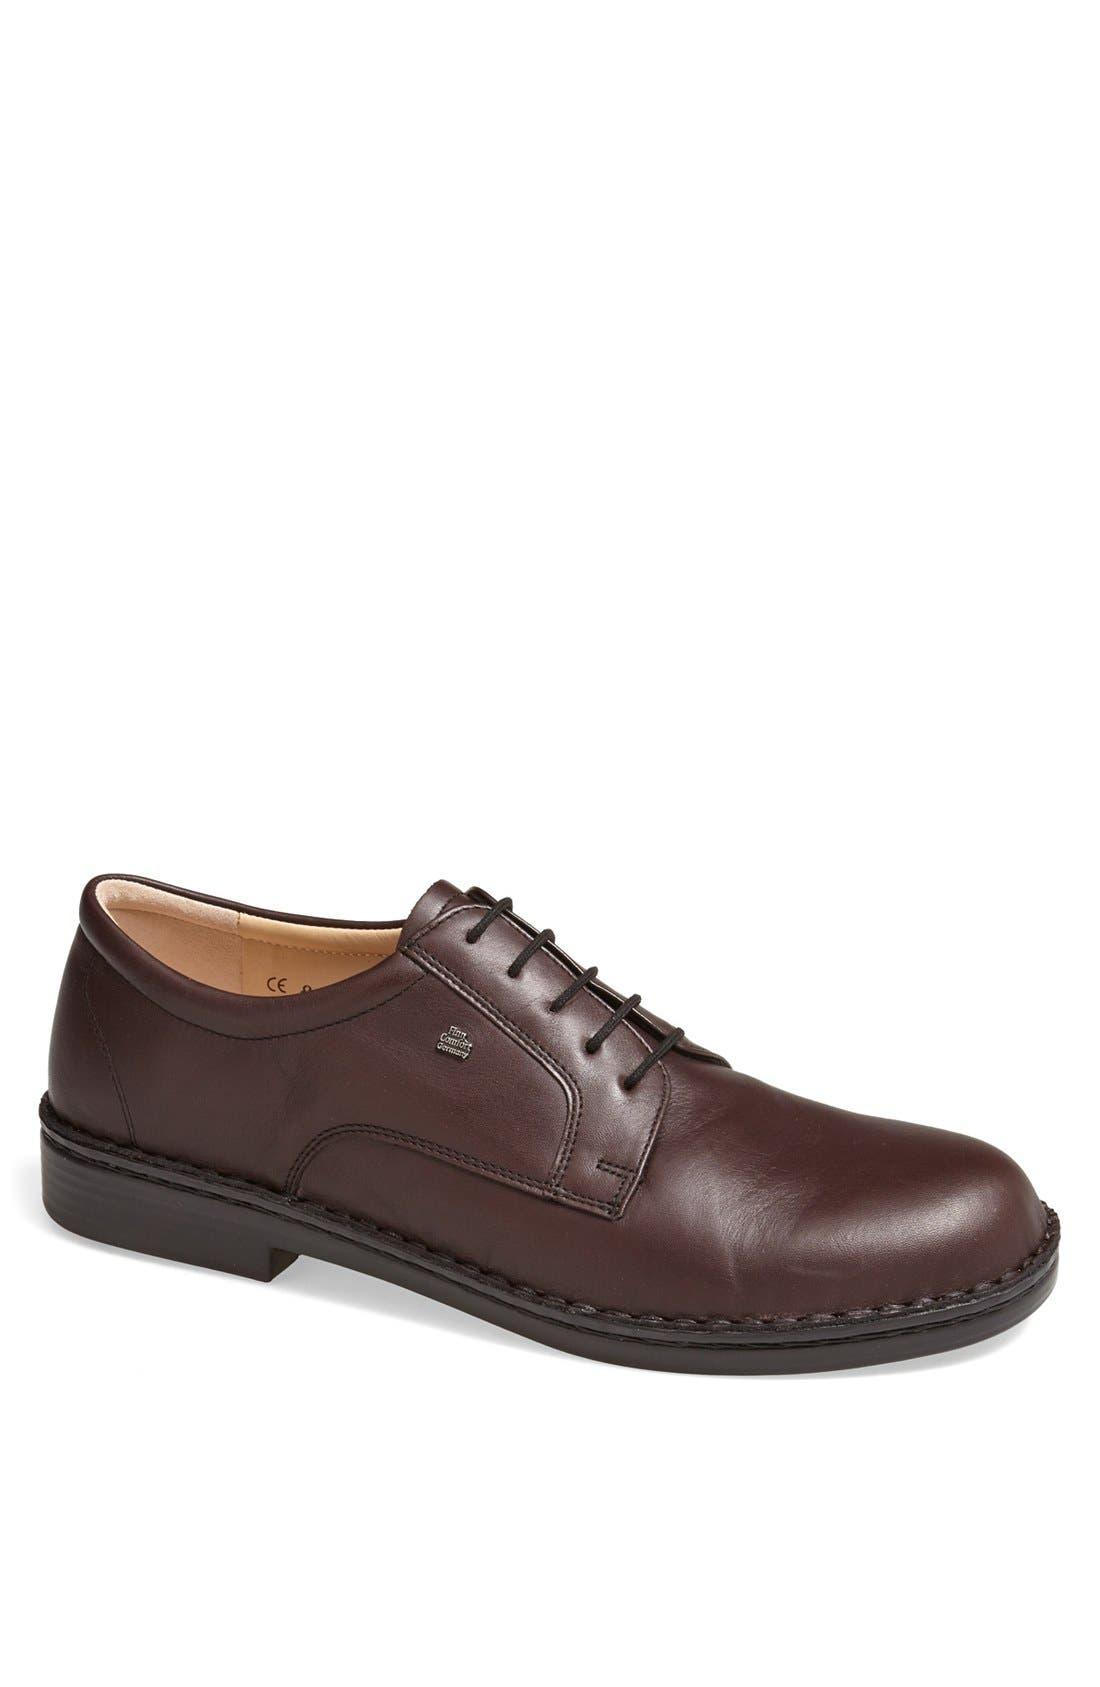 Alternate Image 1 Selected - Finn Comfort 'Milano' Plain Toe Derby (Men)